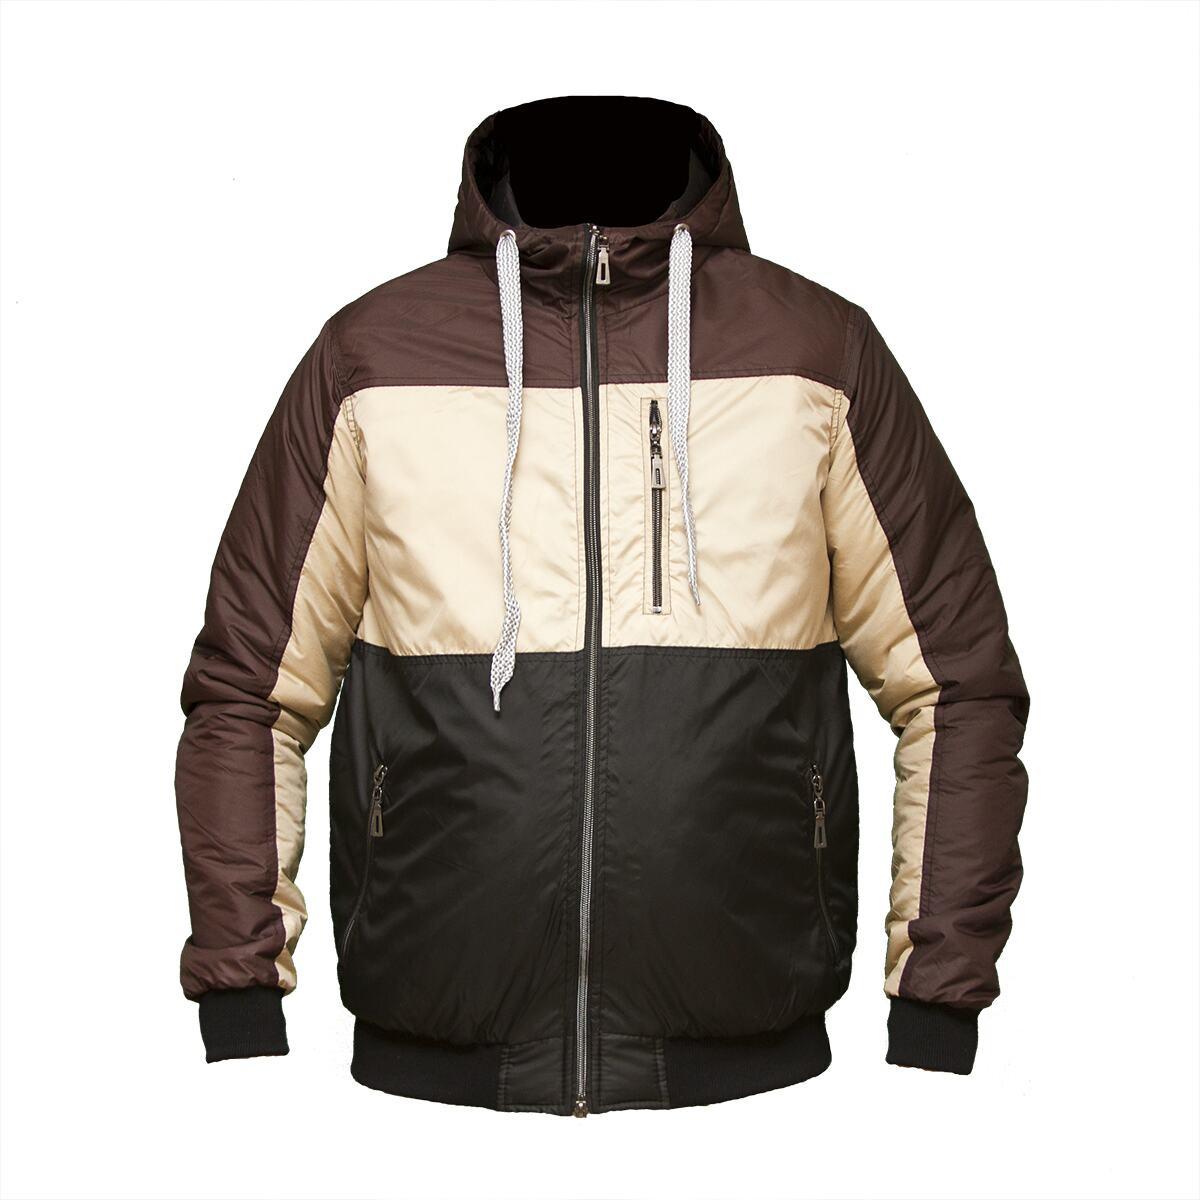 1e5d453c1646 Куртка ветровка мужская с капюшоном - Интернет магазин одежды Модна Лавка в  Кременчуге